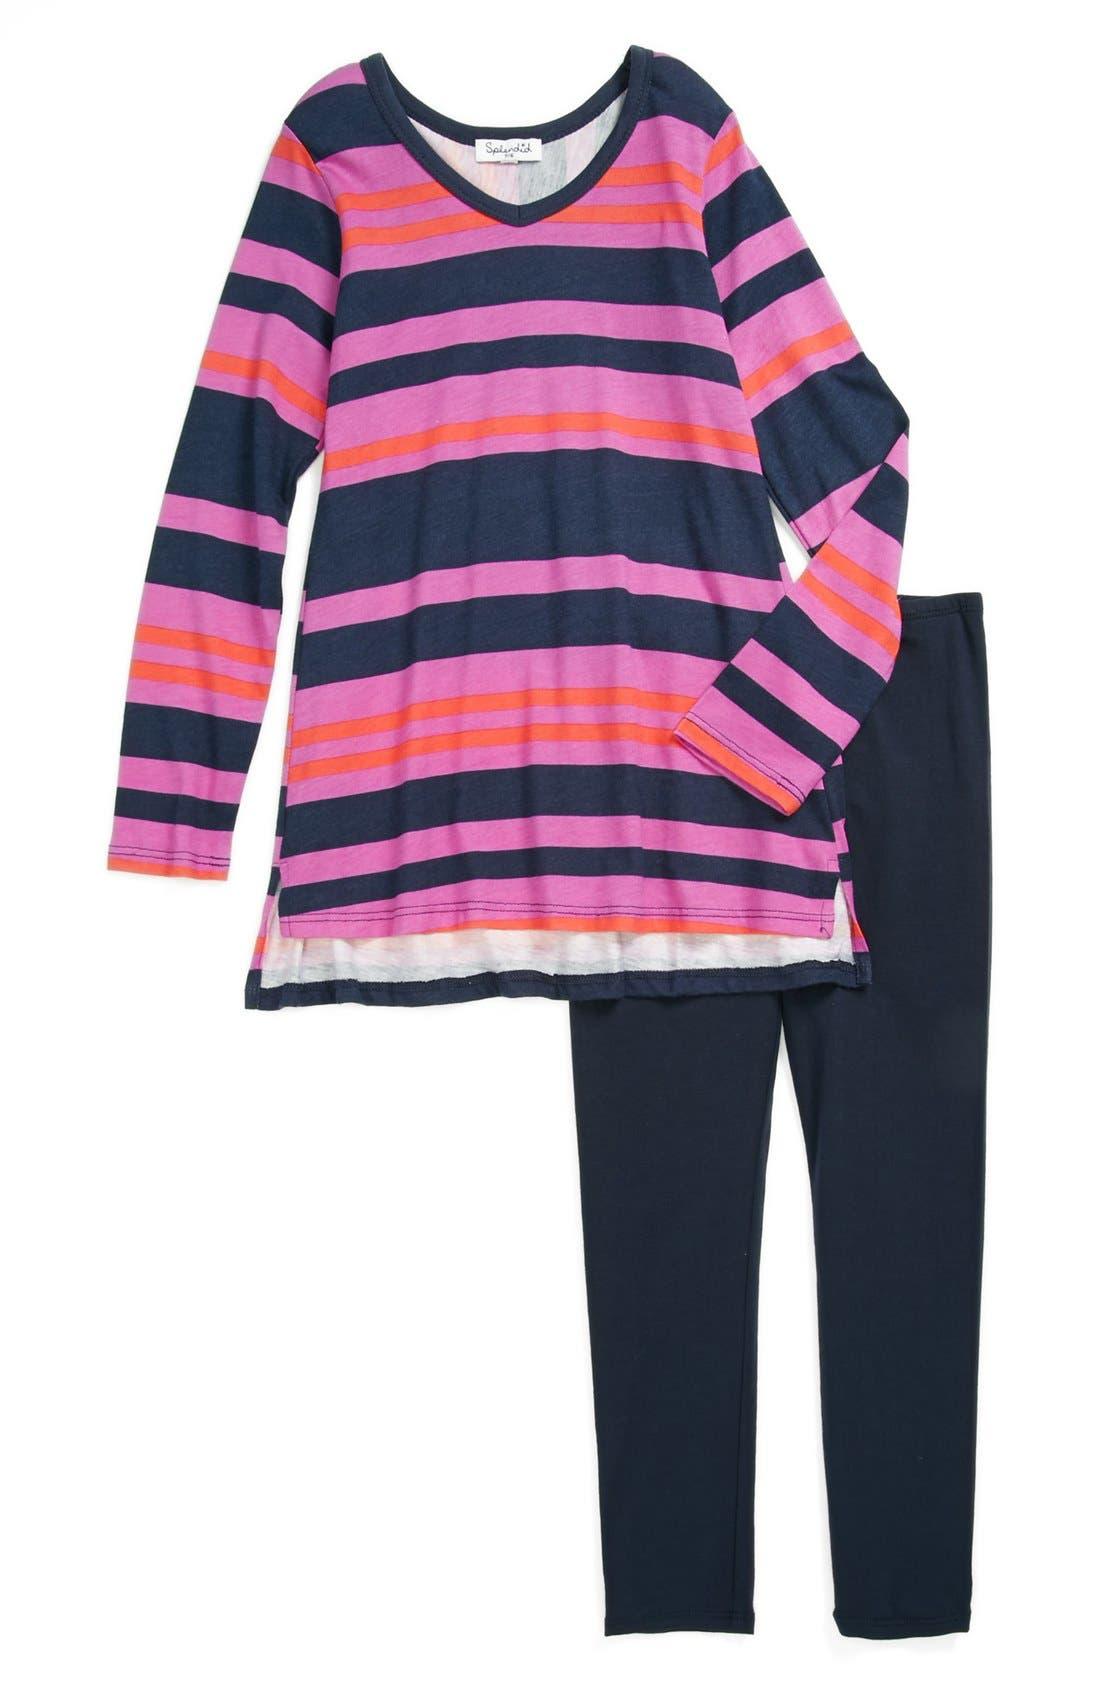 Alternate Image 1 Selected - Splendid Tunic & Leggings Set (Little Girls)